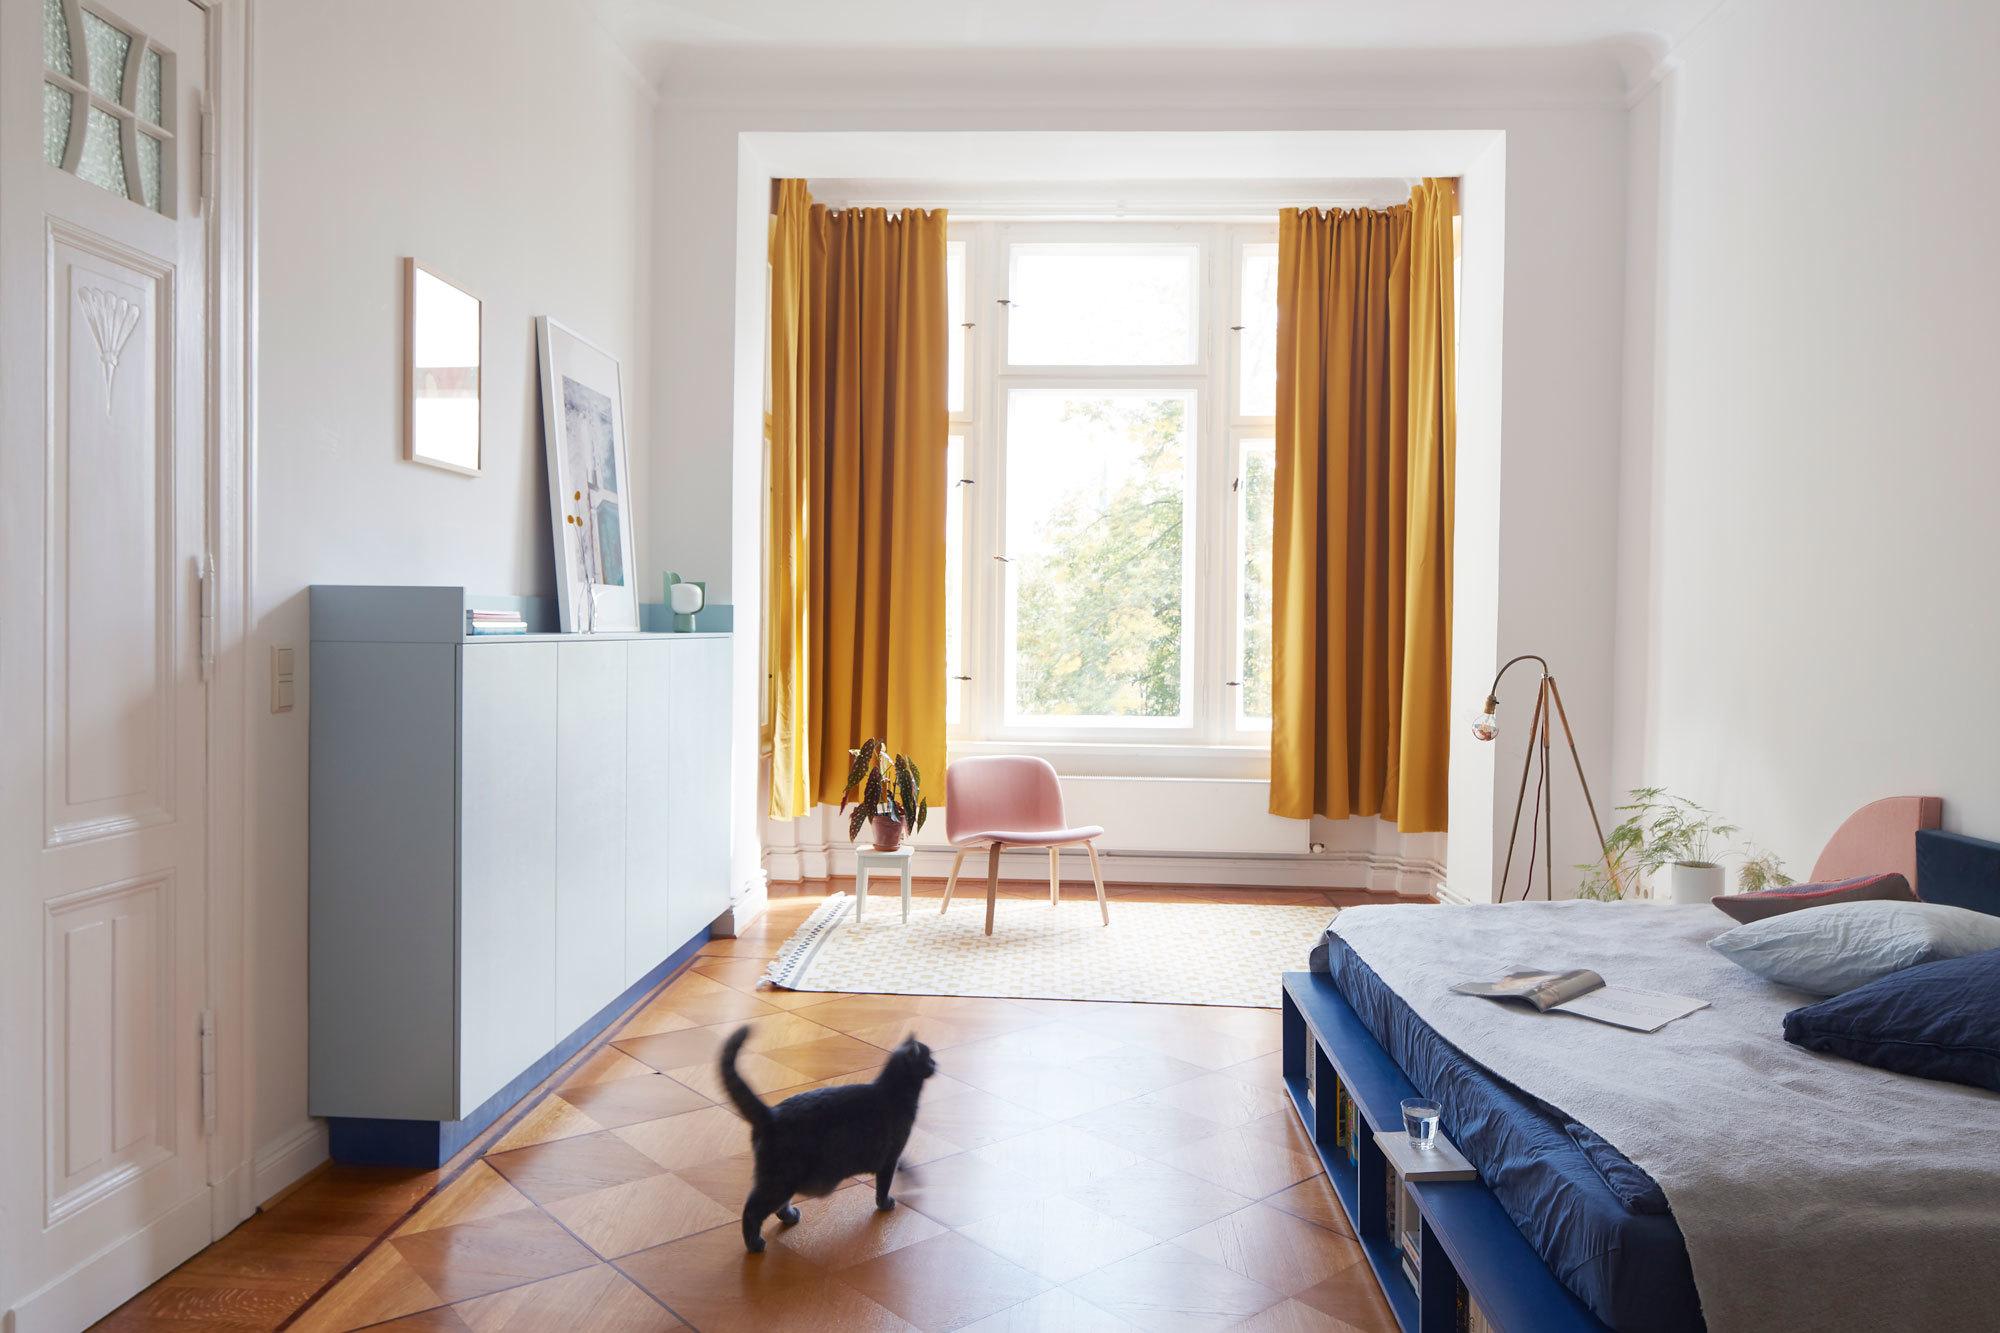 Jäll & Tofta haben sich auf den Entwurf einzelner Räume spezialisiert. Im Bild: maßgefertigtes Doppelbett. Foto/ Copyright: Magnus Pettersson